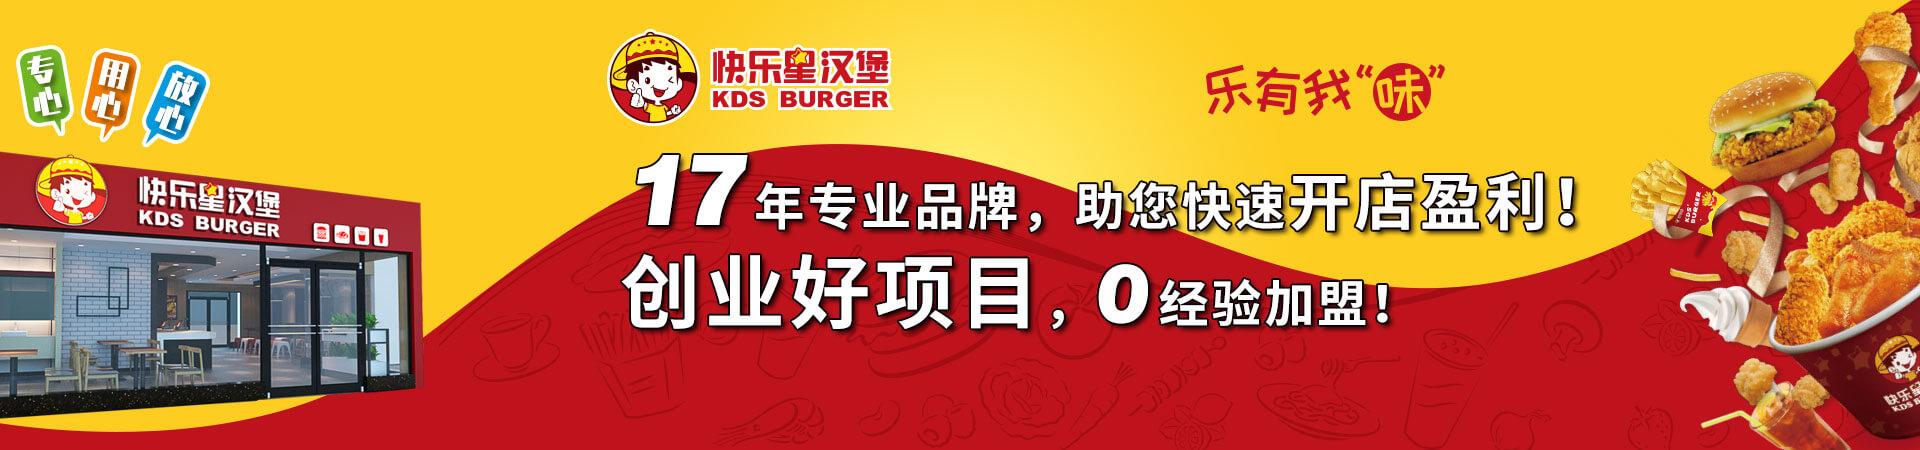 快樂星漢堡